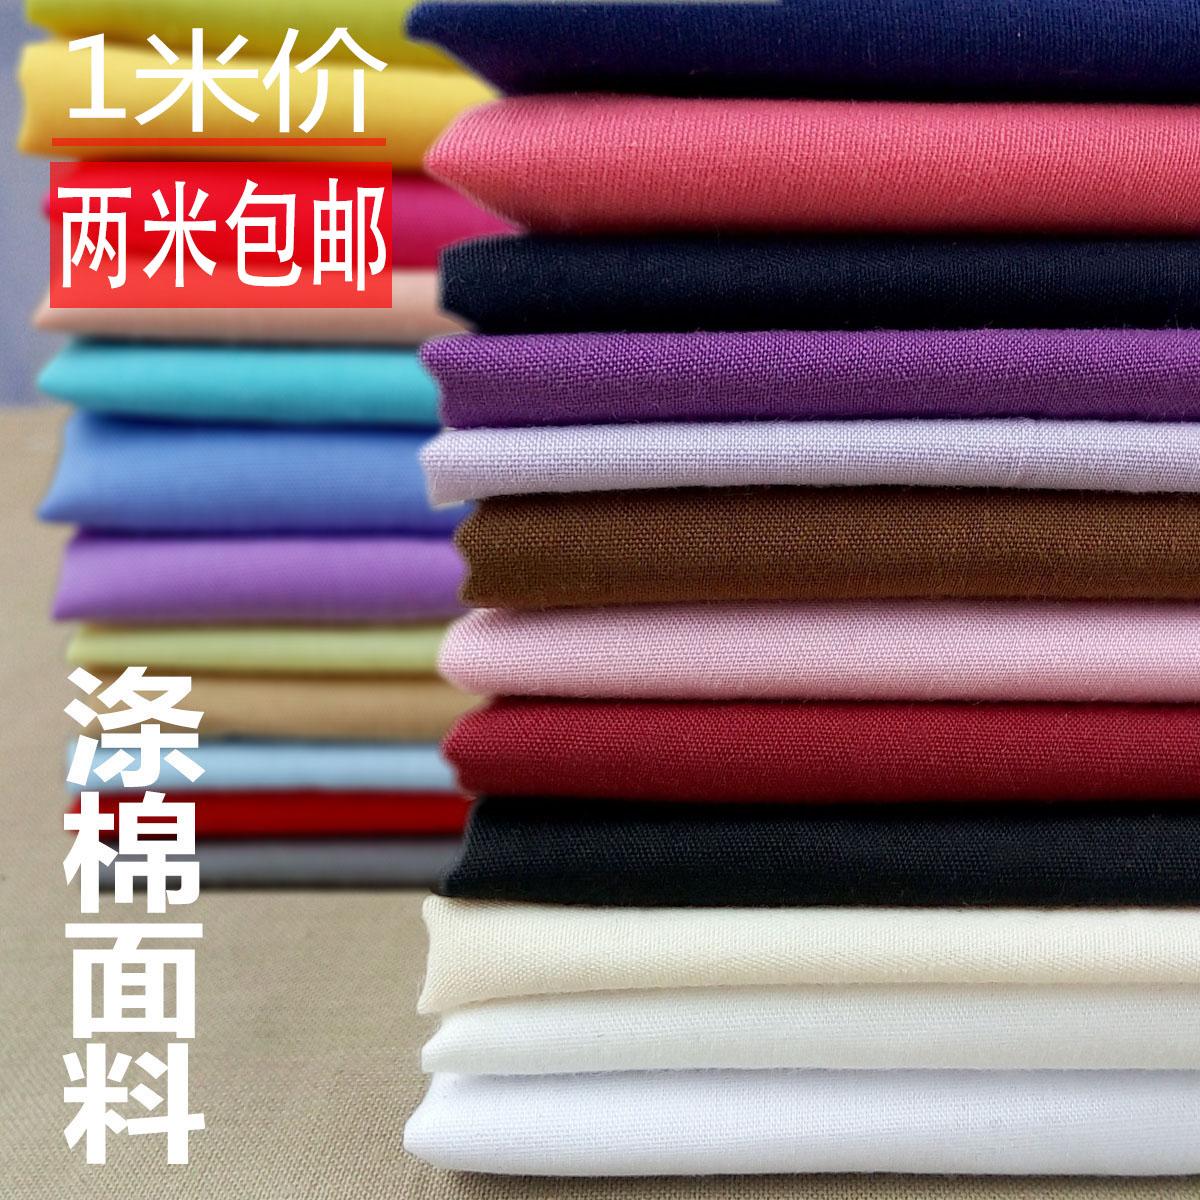 优质涤棉纯色棉布料 古装汉服衬衫衣舞台面料 内衬里布包边画布料